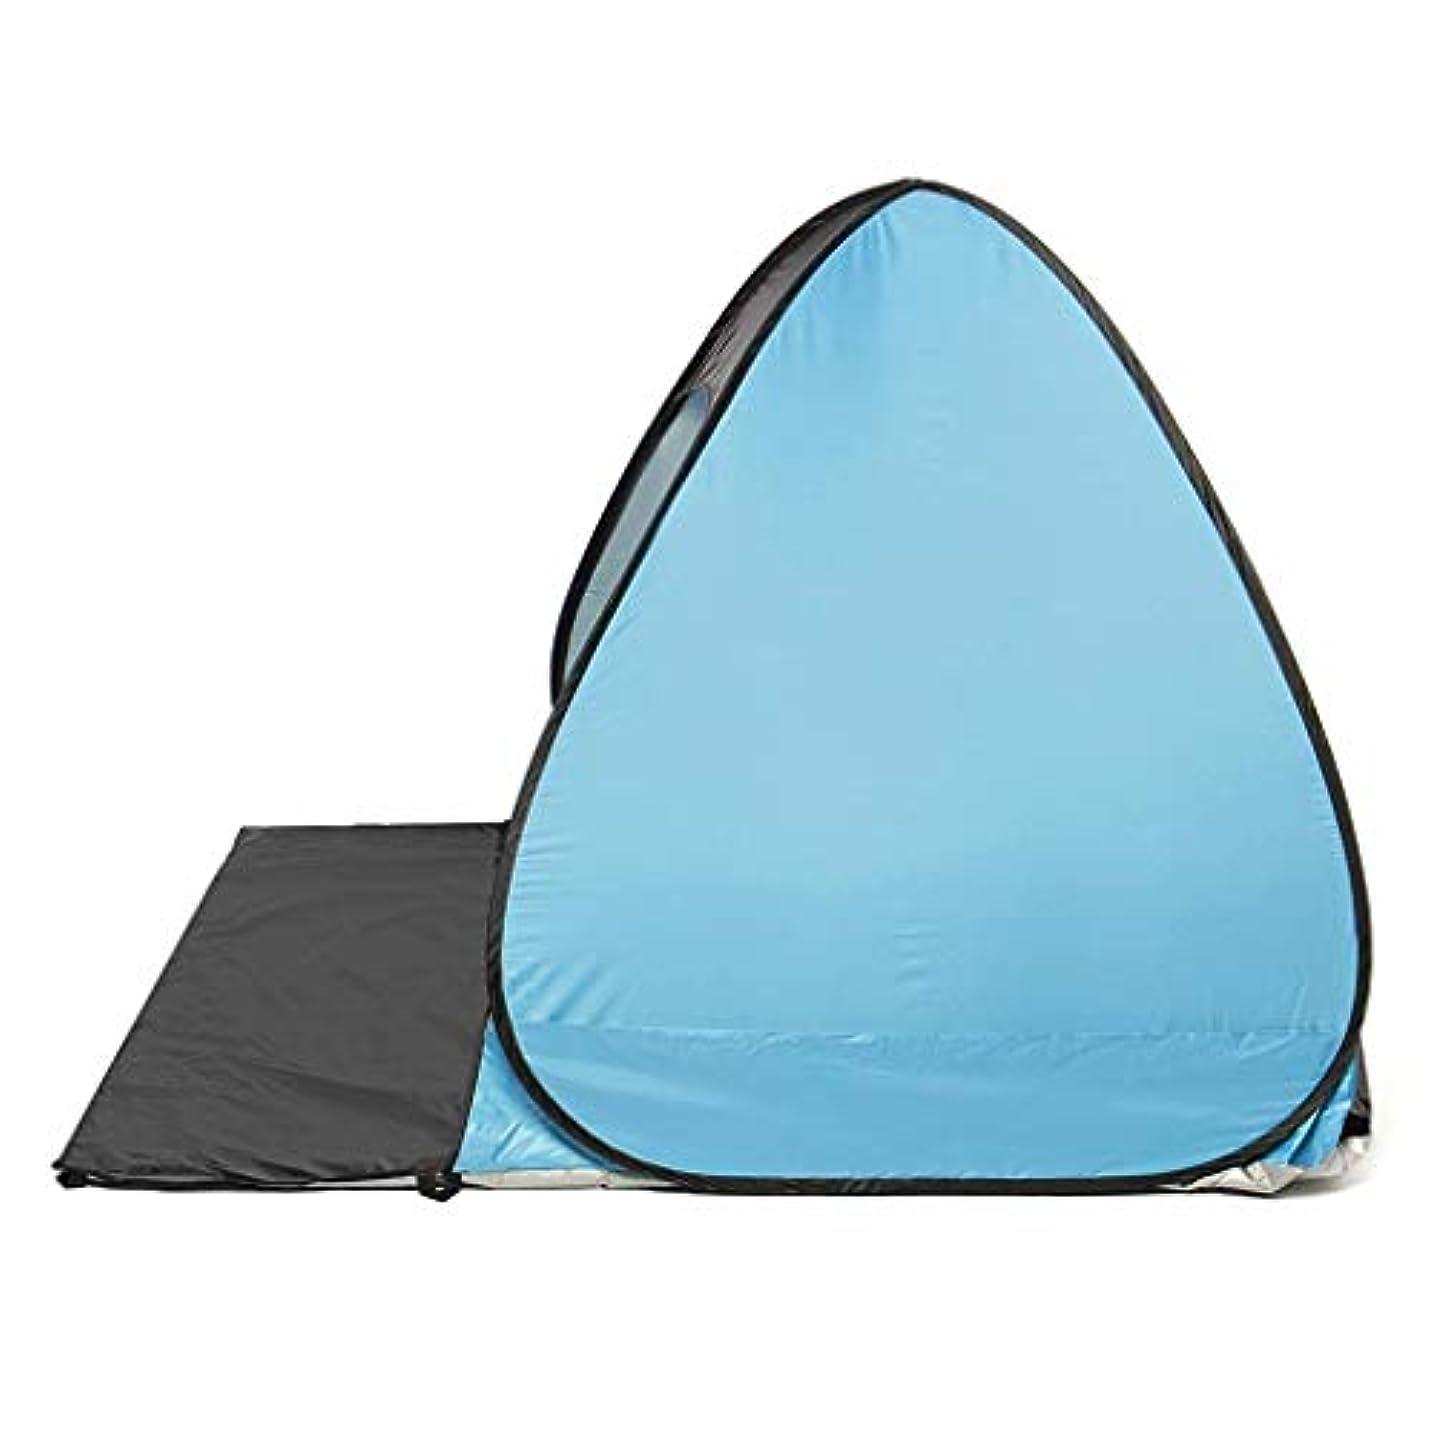 冷えるシマウマ尋ねるテント 折りたたみオートキャンプテントビーチテント2-3人テント紫外線保護日除けテント屋外日除け (色 : D)